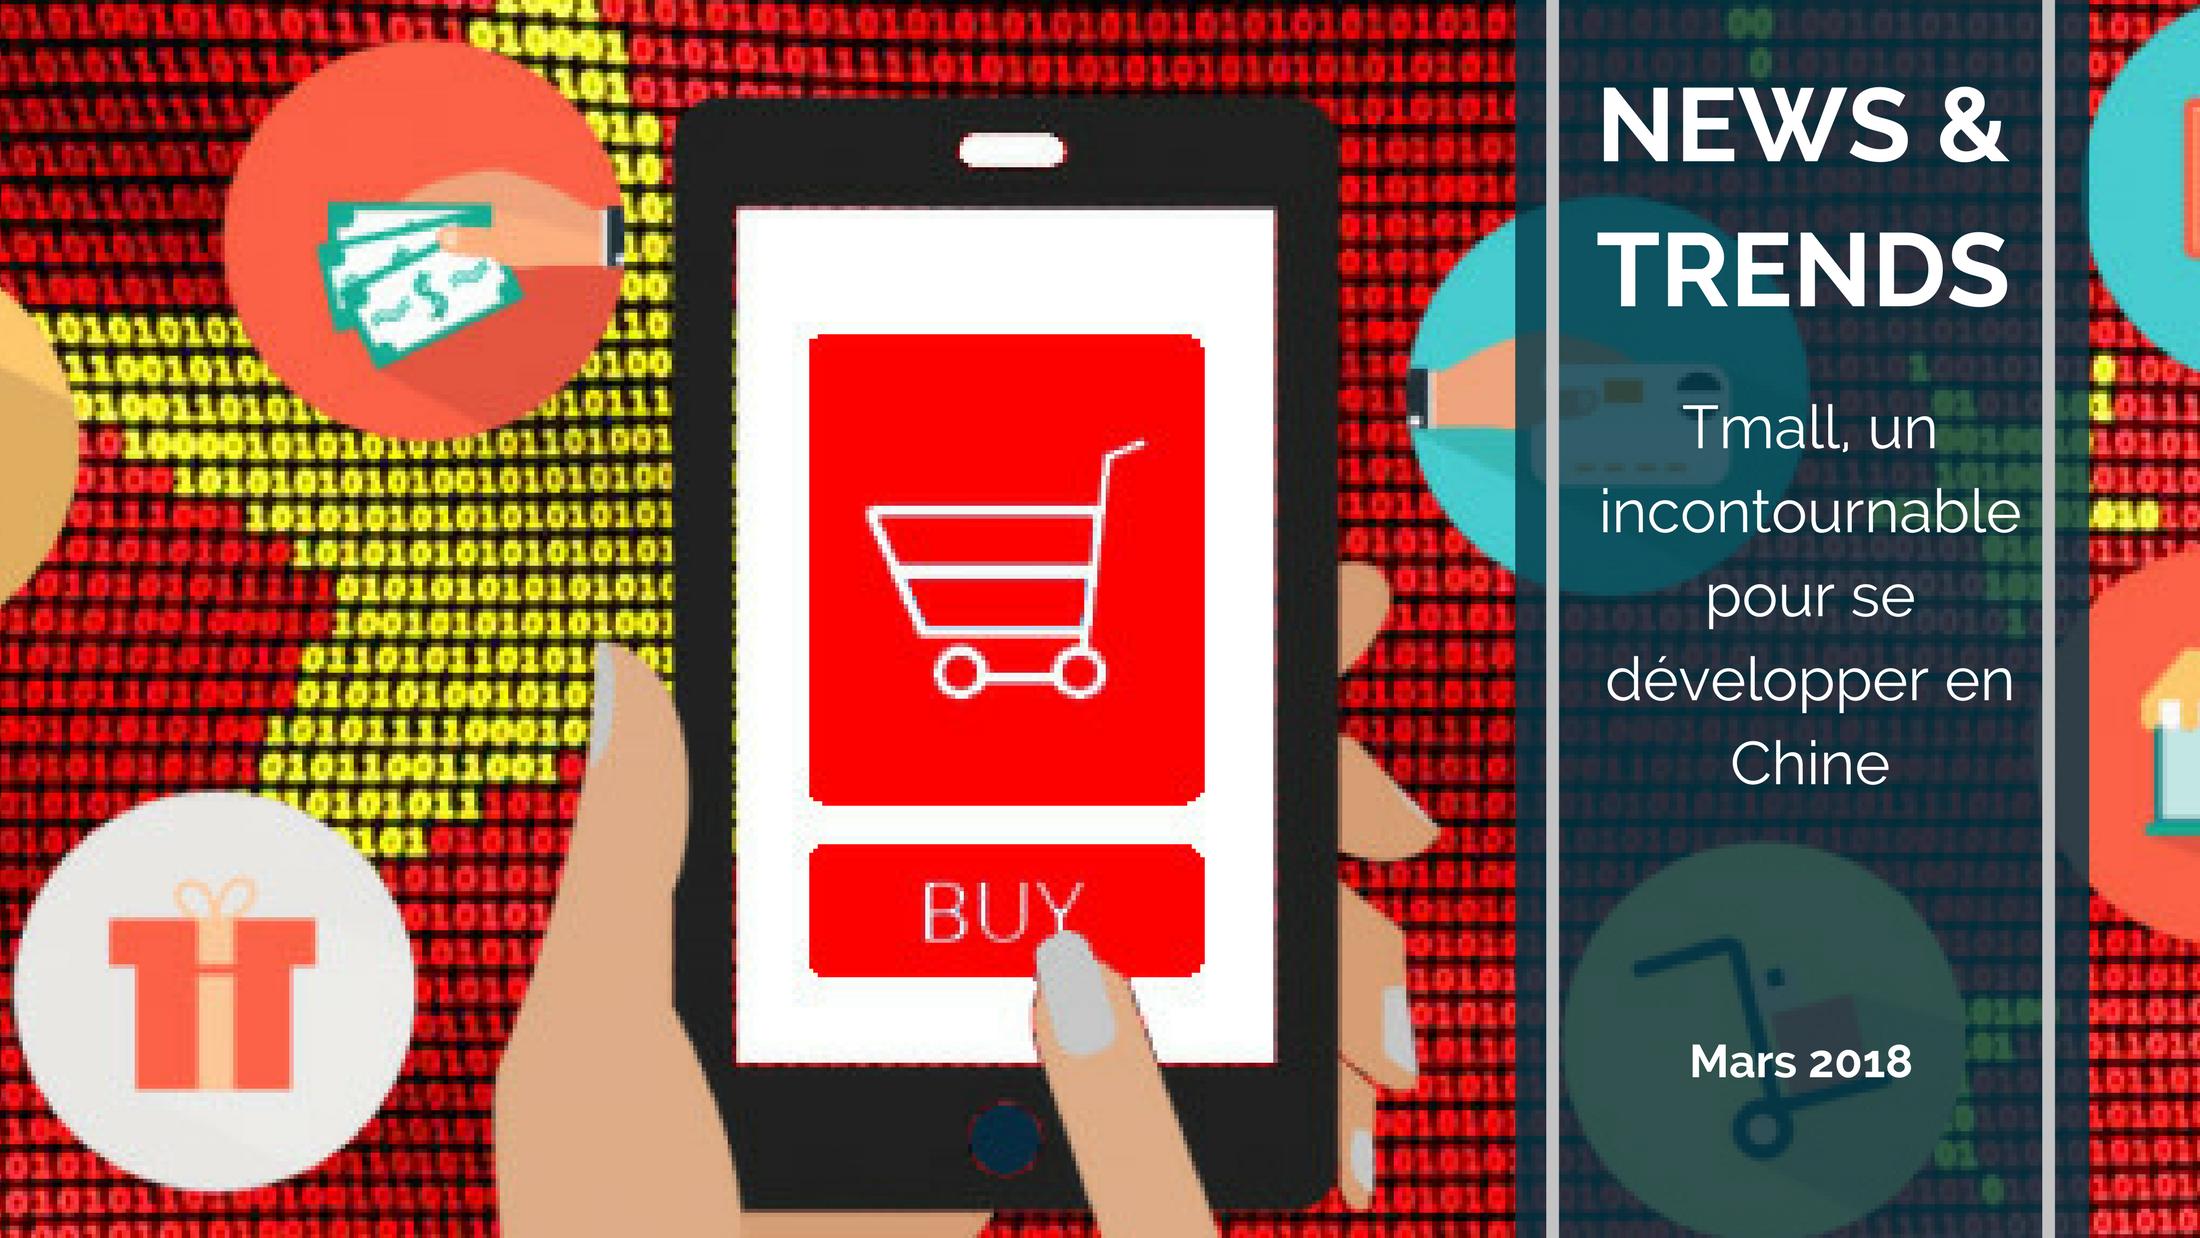 Trends News suite 9 - Tmall (Alibaba), un incontournable pour se développer en Chine (?)